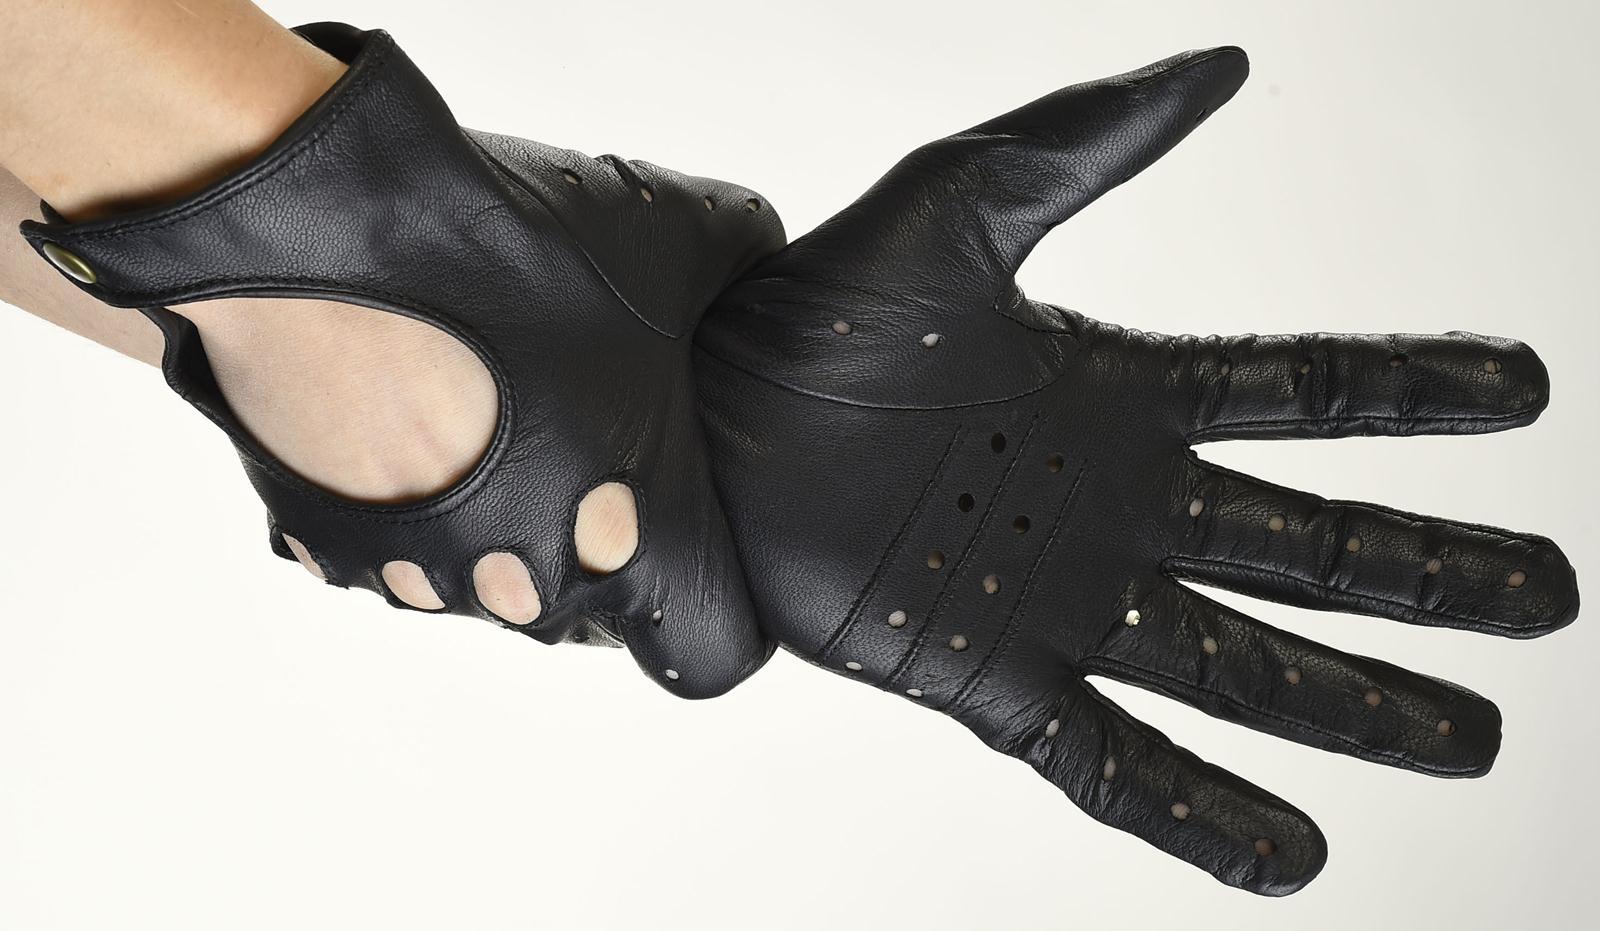 Mănuși din piele auto bărbați ABAuto001